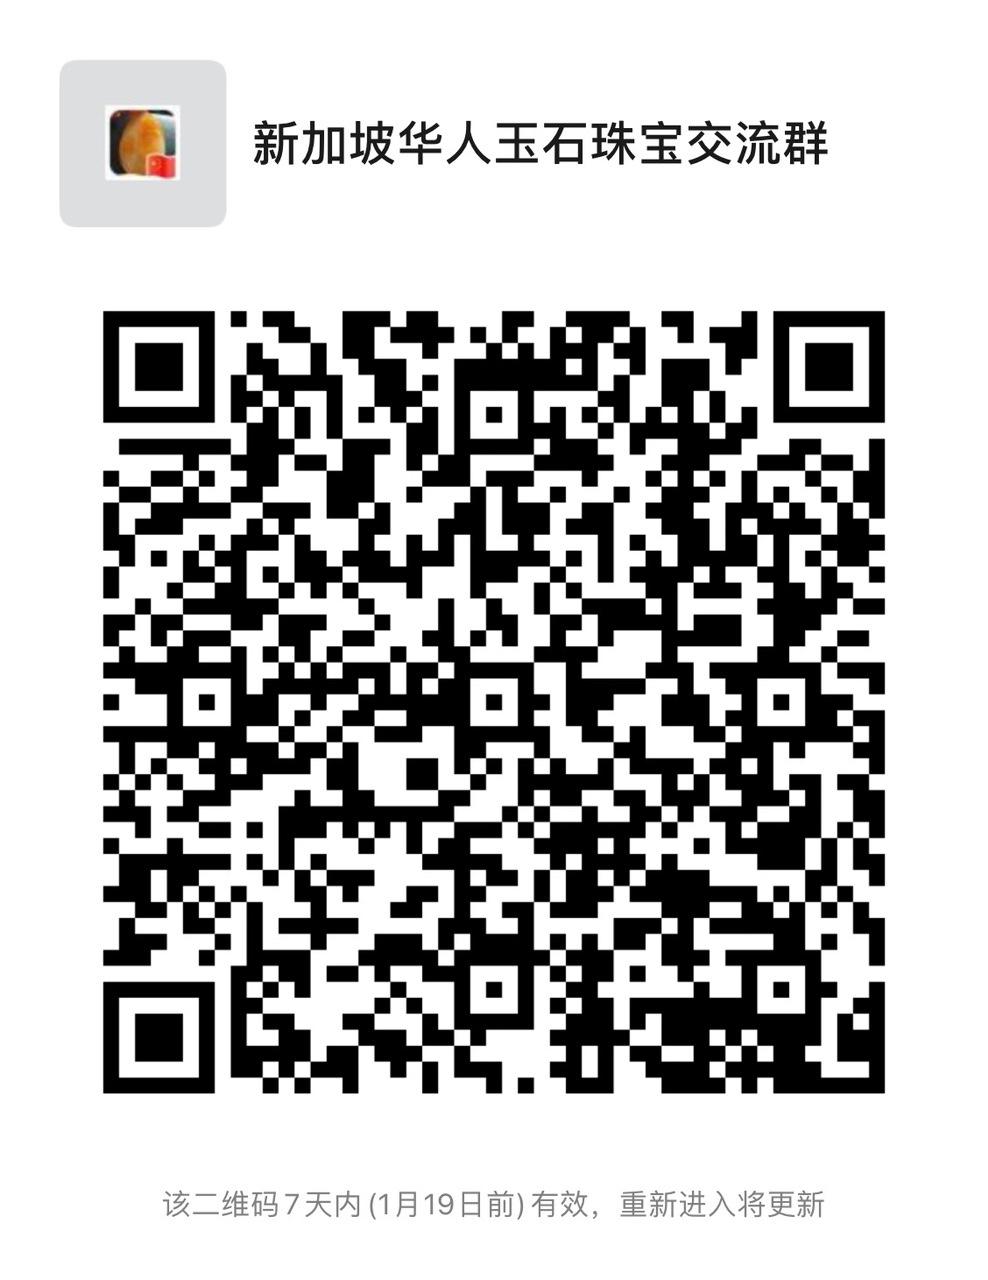 front1_0_FqZms2fRV8JlQO5EV3TtFQ3RXreQ.1610474442.jpg